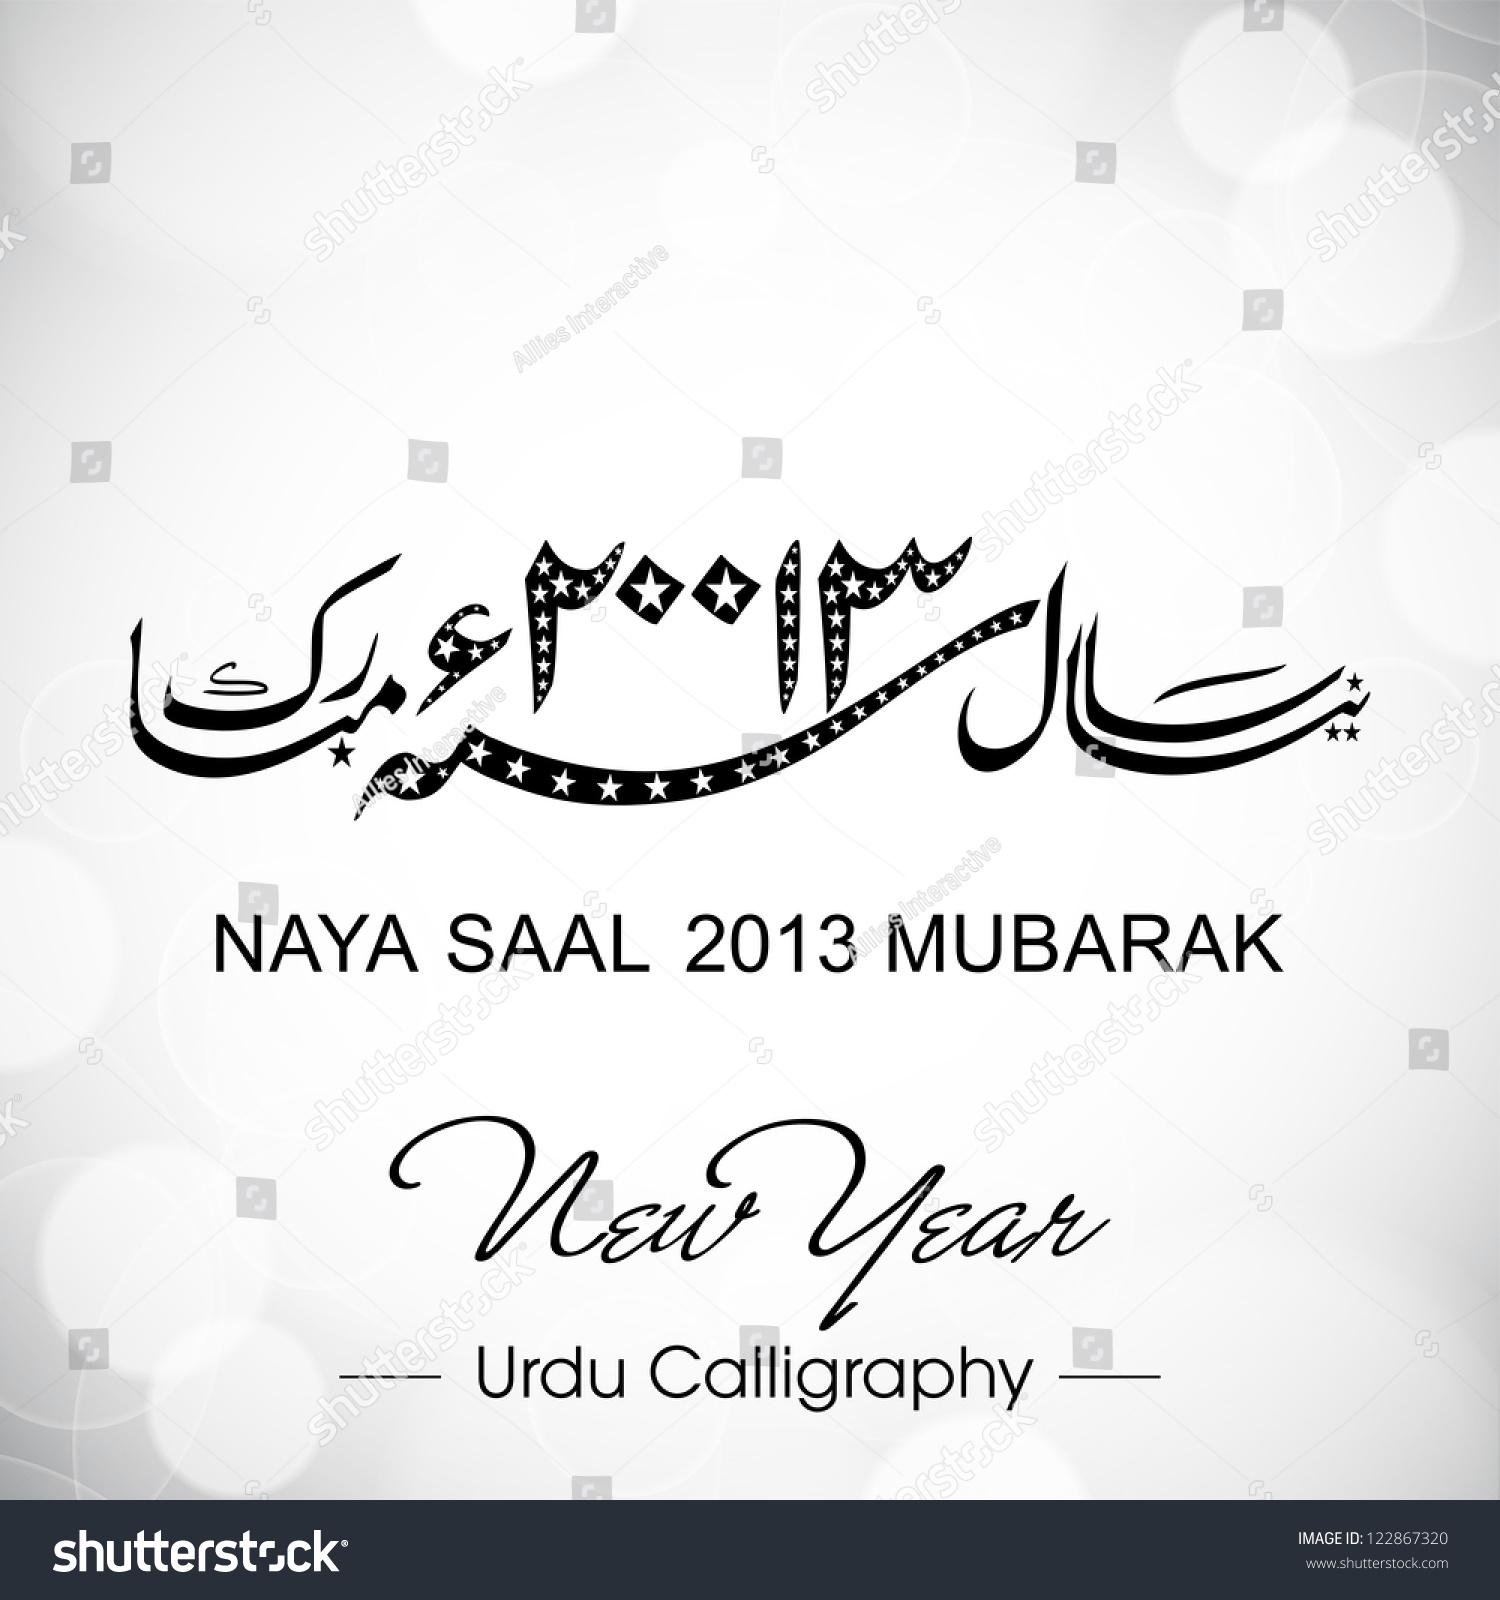 Urdu calligraphy naya saal mubarak ho stock vector 122867320 urdu calligraphy of naya saal mubarak ho happy new year eps 10 kristyandbryce Gallery